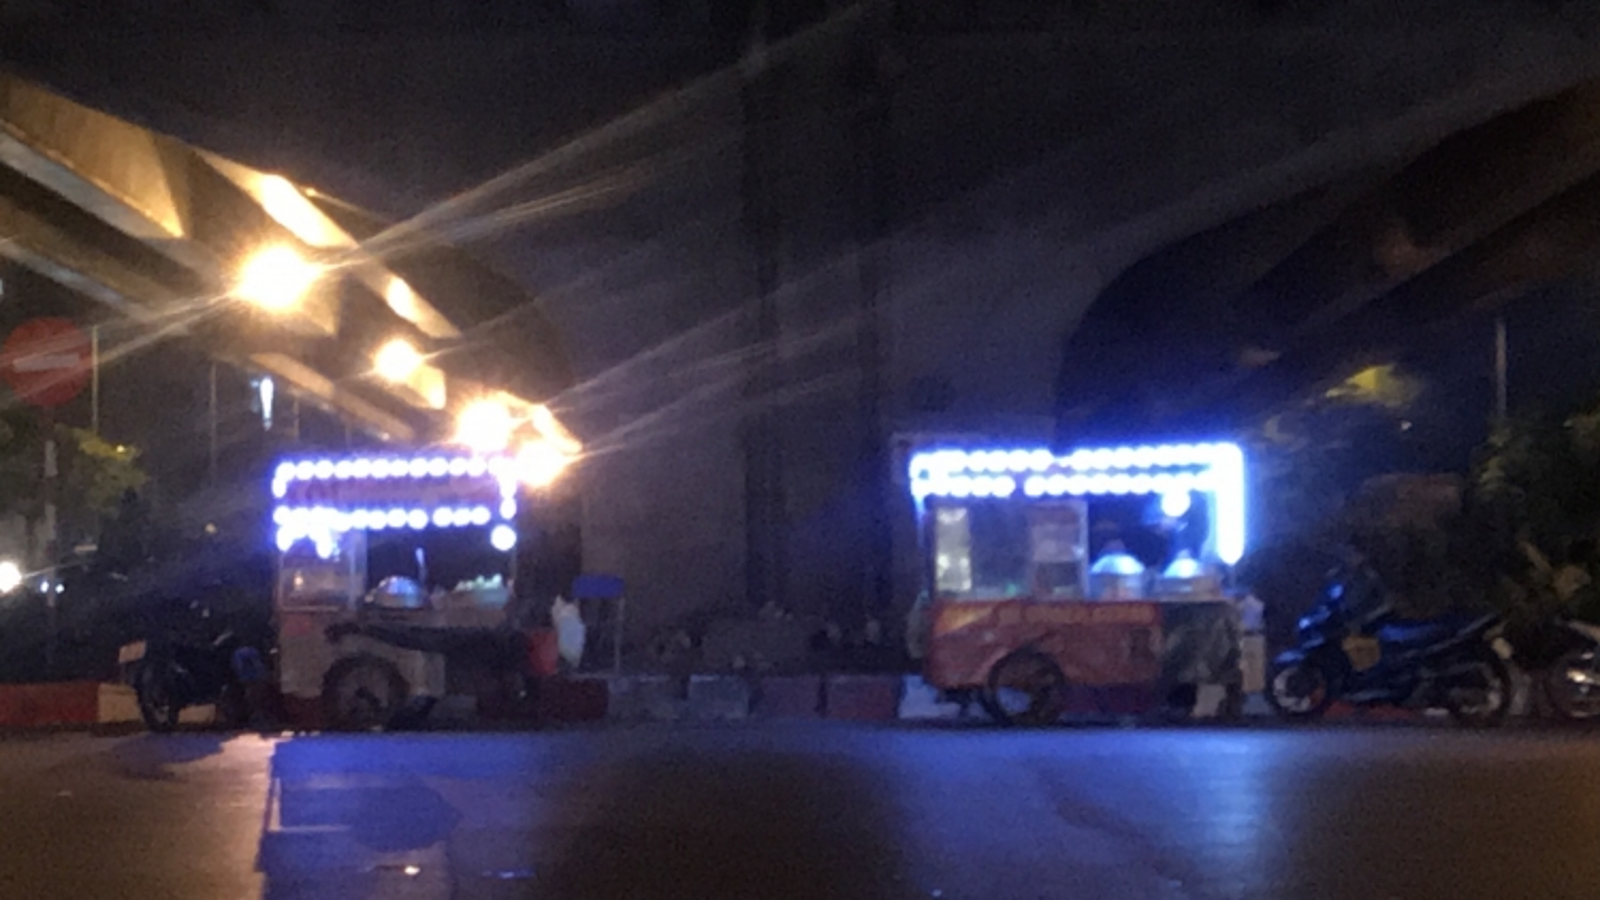 Hàng quán lấn chiếm lòng đường tại ngã tư Phạm Hùng, Tôn Thất Thuyết